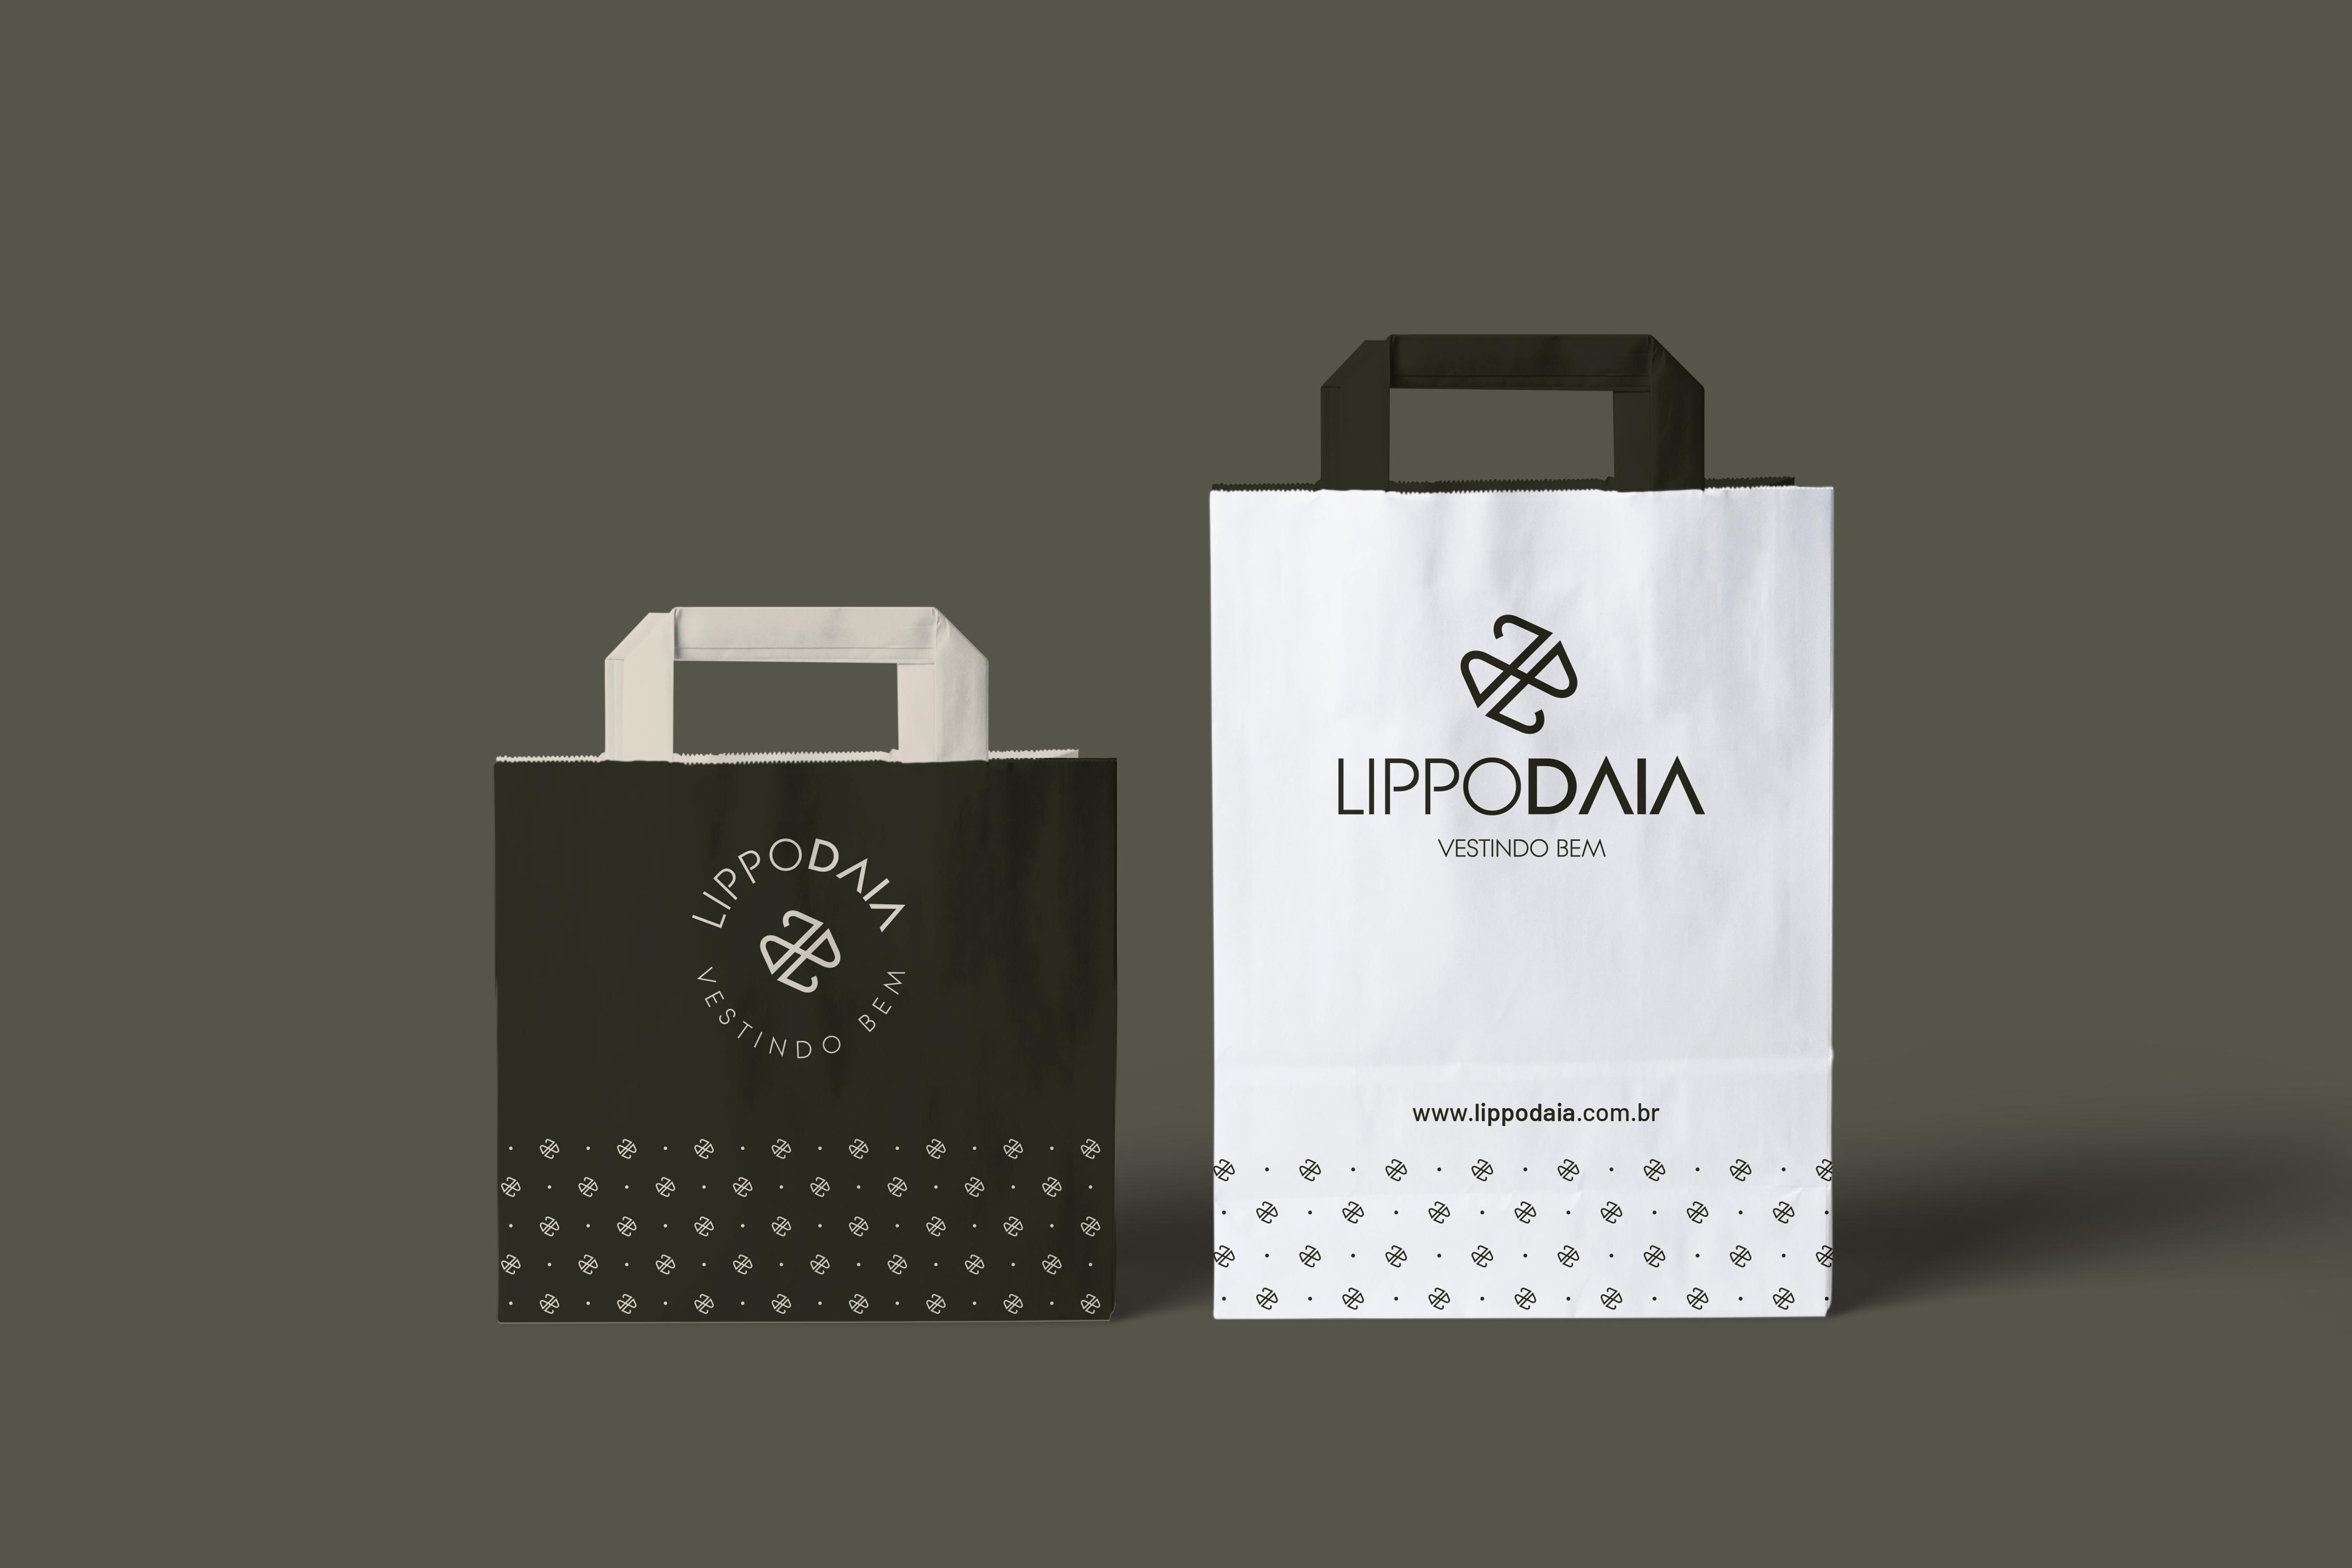 Lippodaia